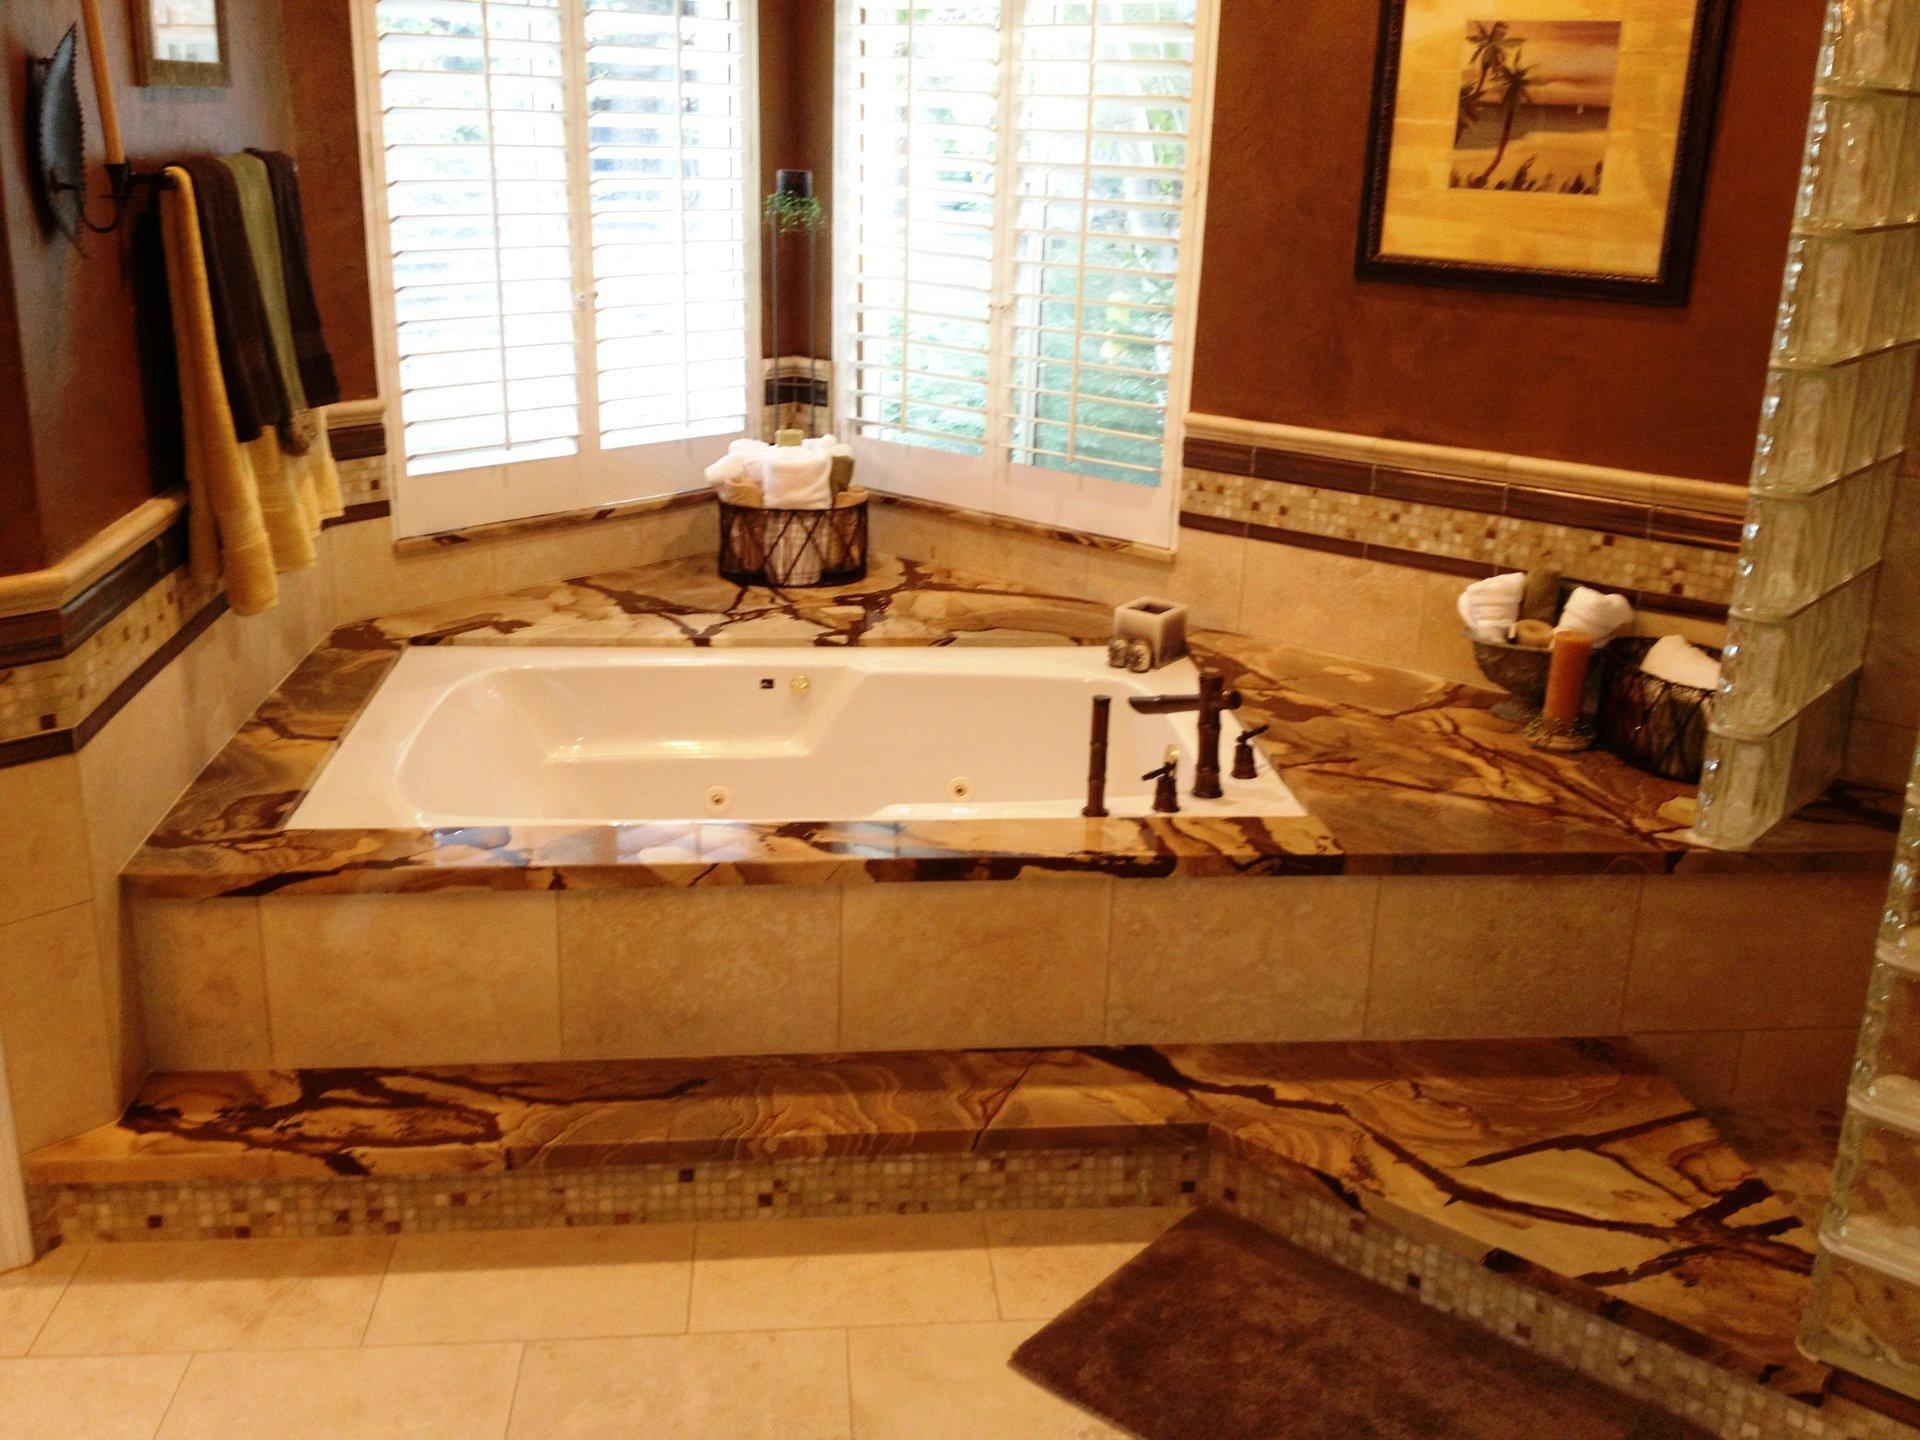 After bathroom remodeling work